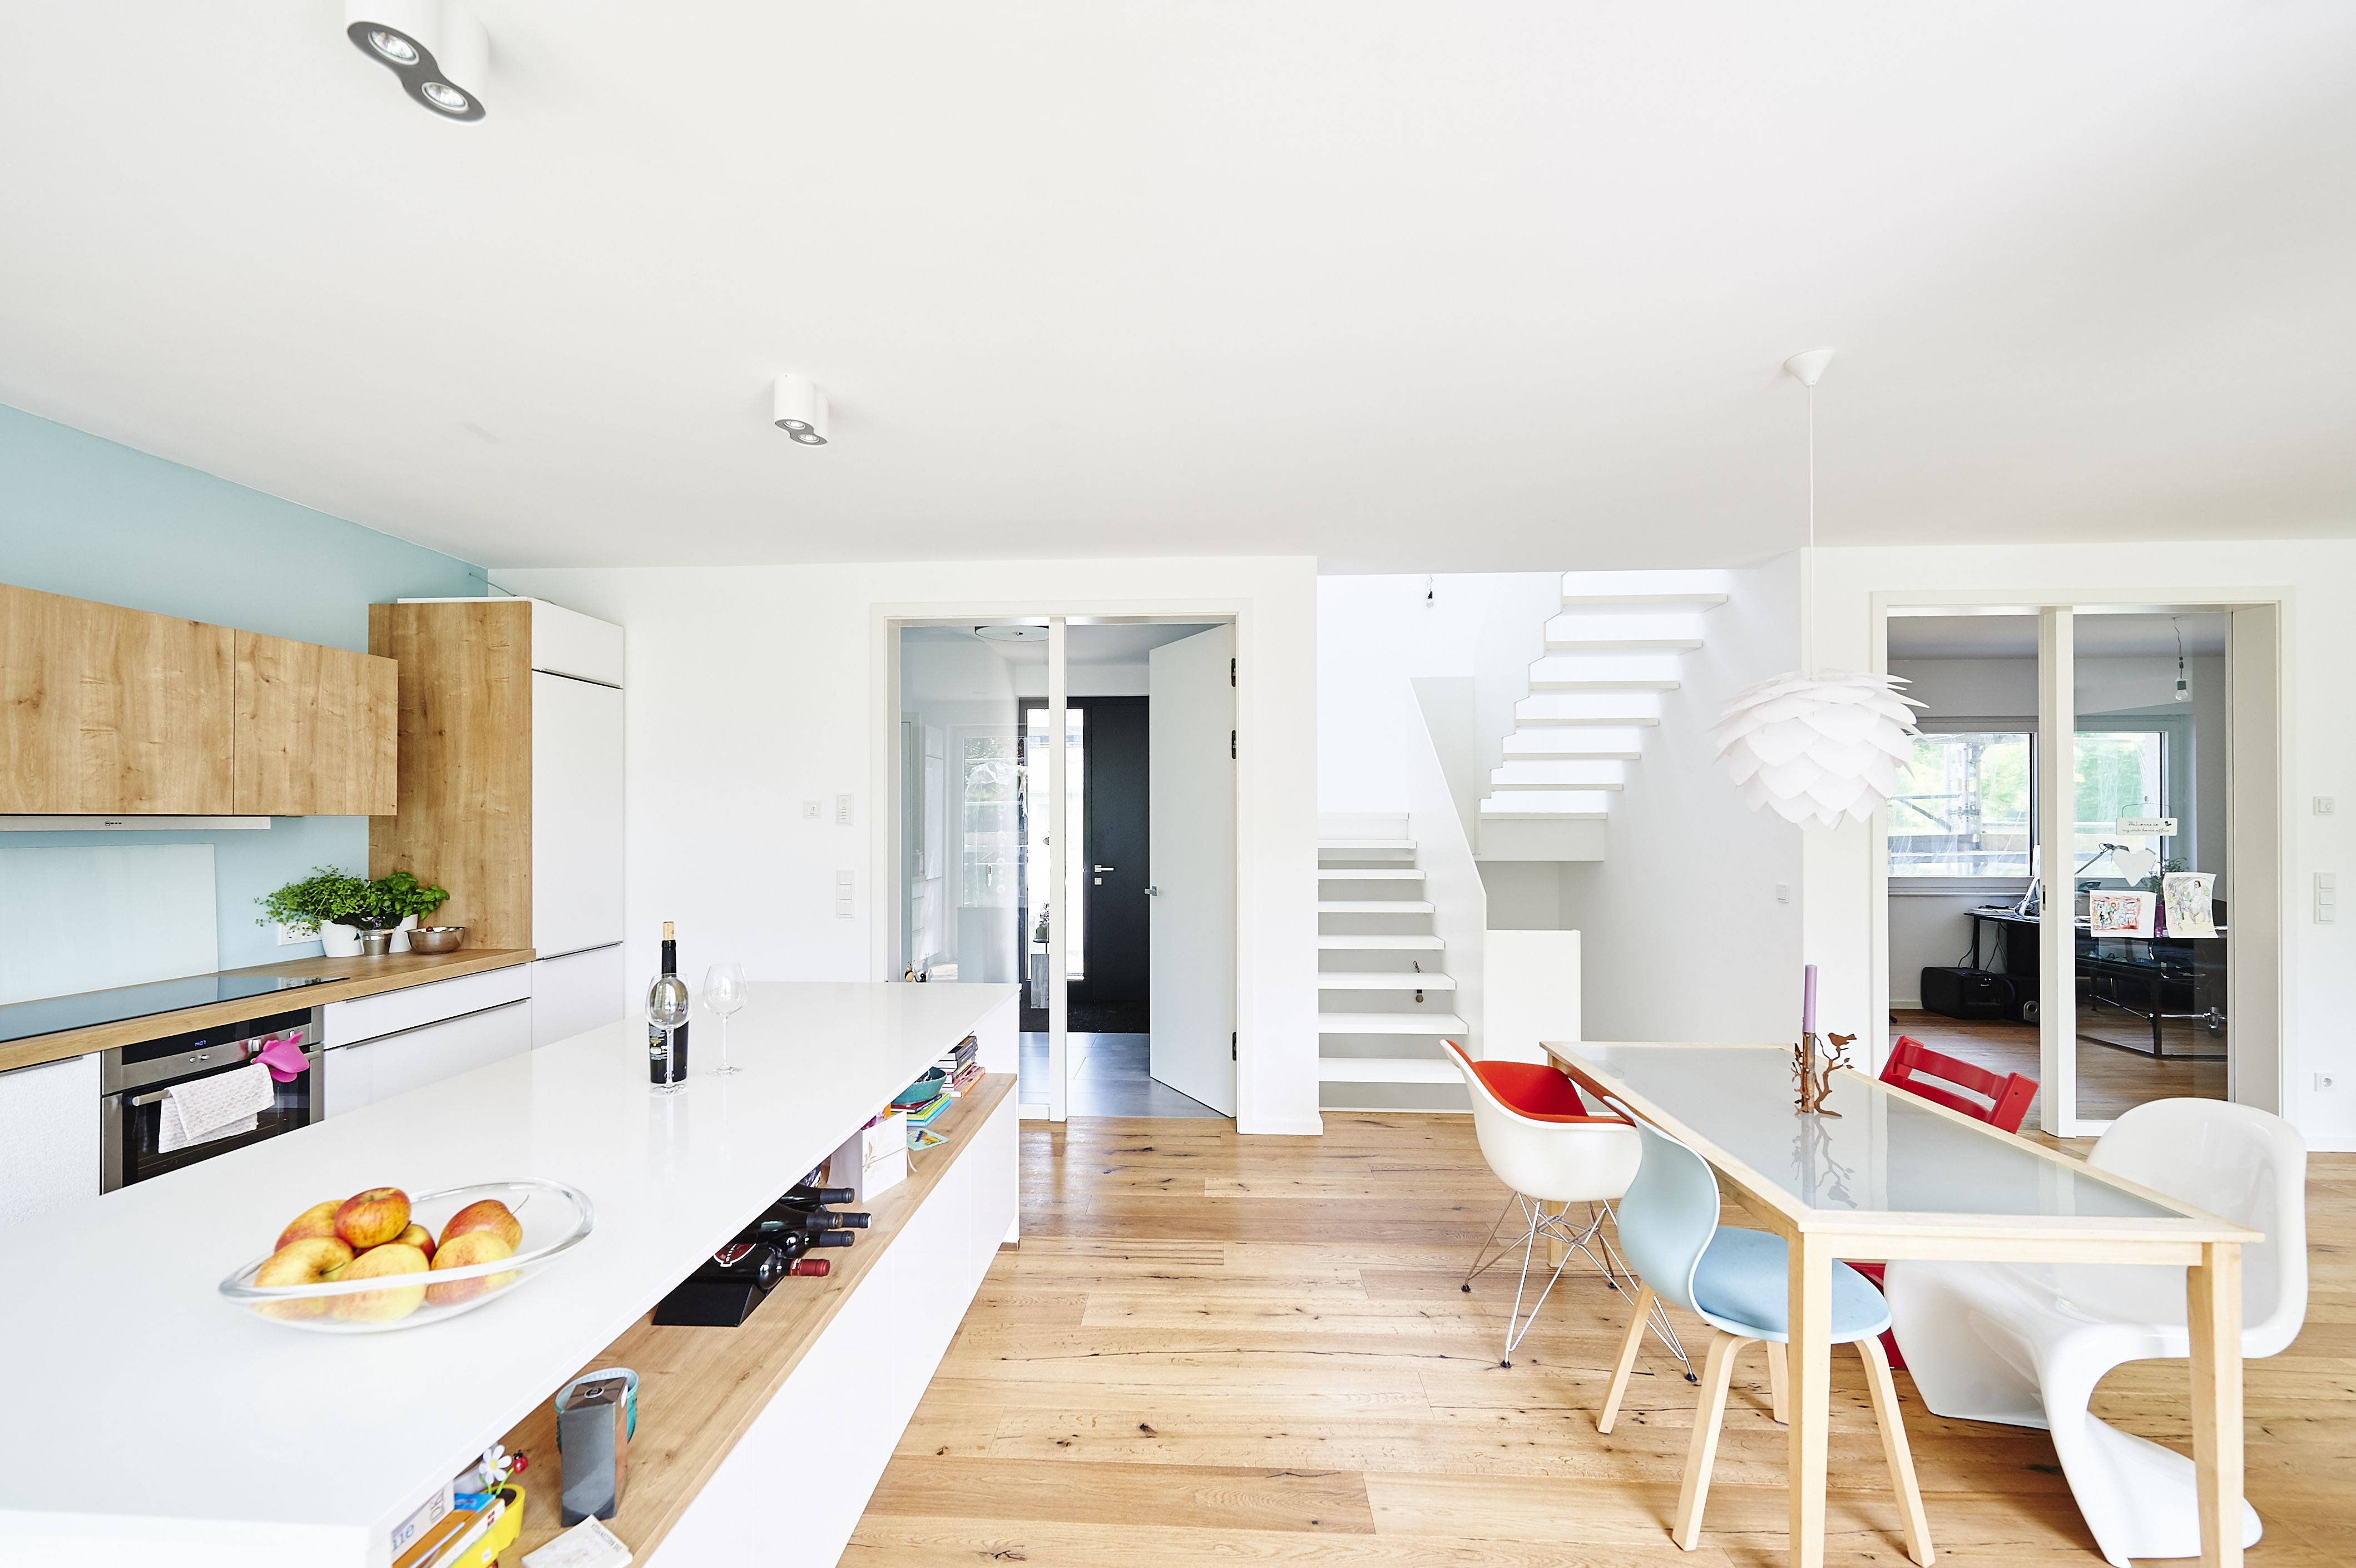 Leicht, hell und schlicht ist der Eindruck, den die weiße HPL-Treppe vermittelt. Die Ästhetik resultiert aus wohlüberlegten Details. Die eckige Gestaltung des Treppenauges sowie die Betonung von Parallelität in der Linienführung sind die Gründe für die überaus harmonische Wirkung. Die vom Dachfenster kommenden Lichtstrahlen treffen auf die helle Treppen-Oberfläche und sorgen für faszinierende Reflektionen.